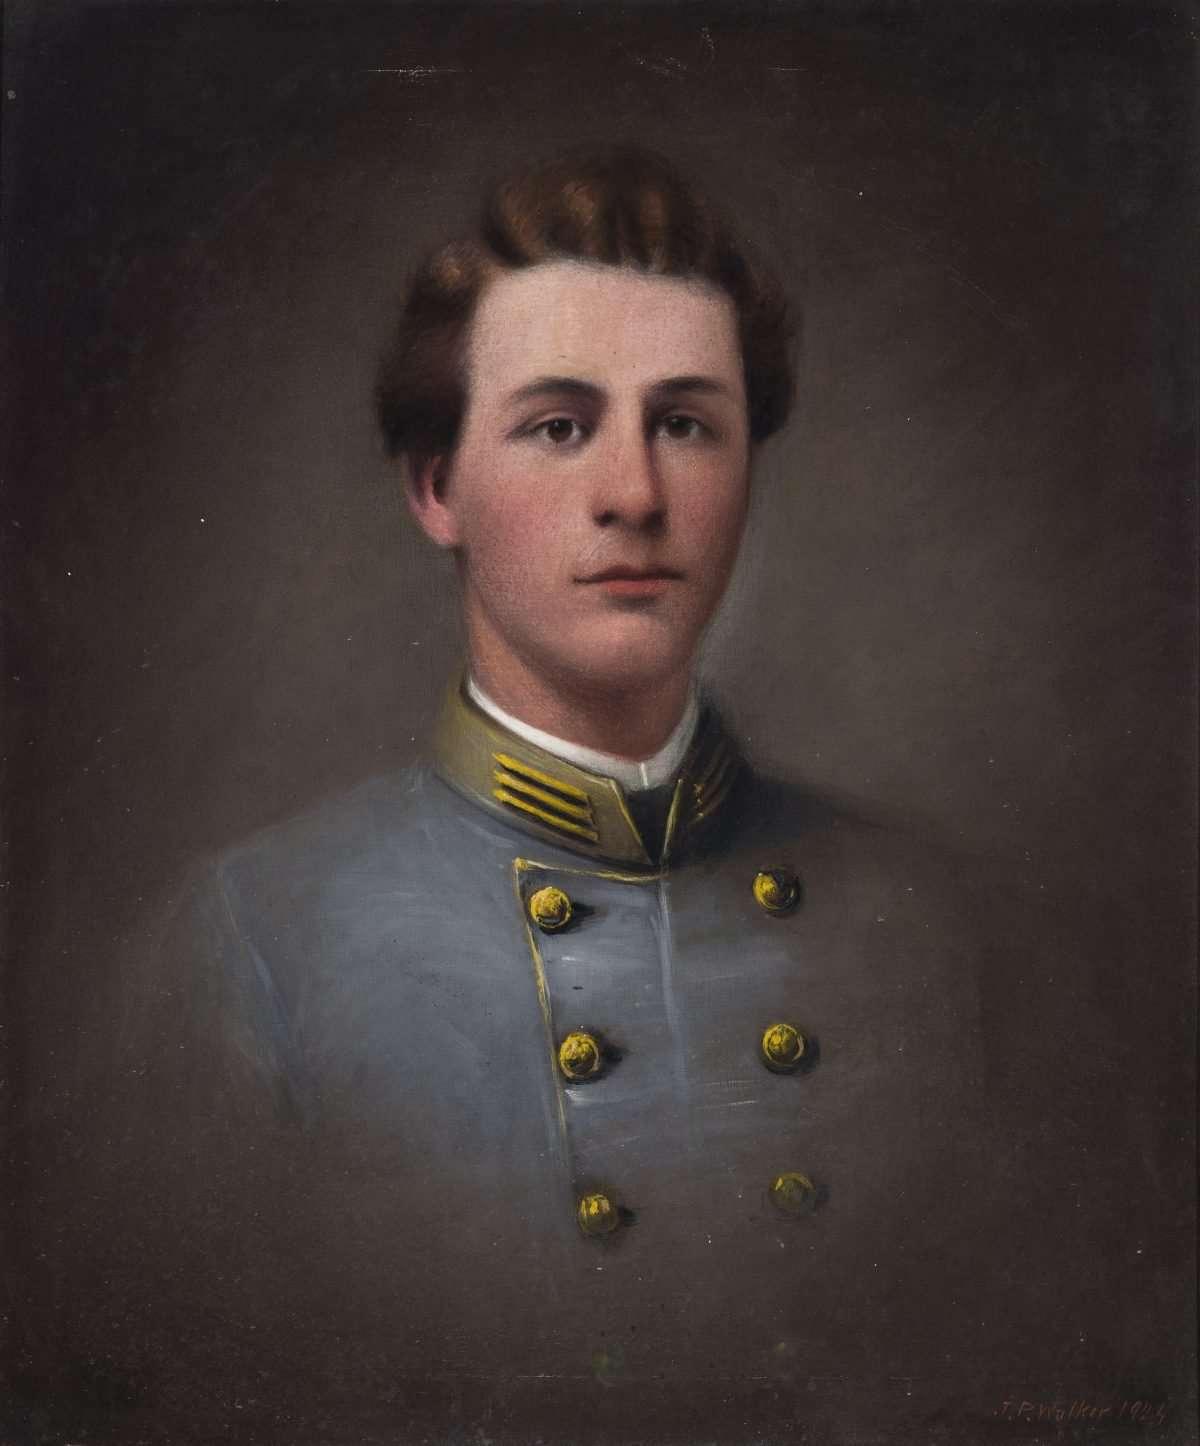 Robert E. Lee Jr.